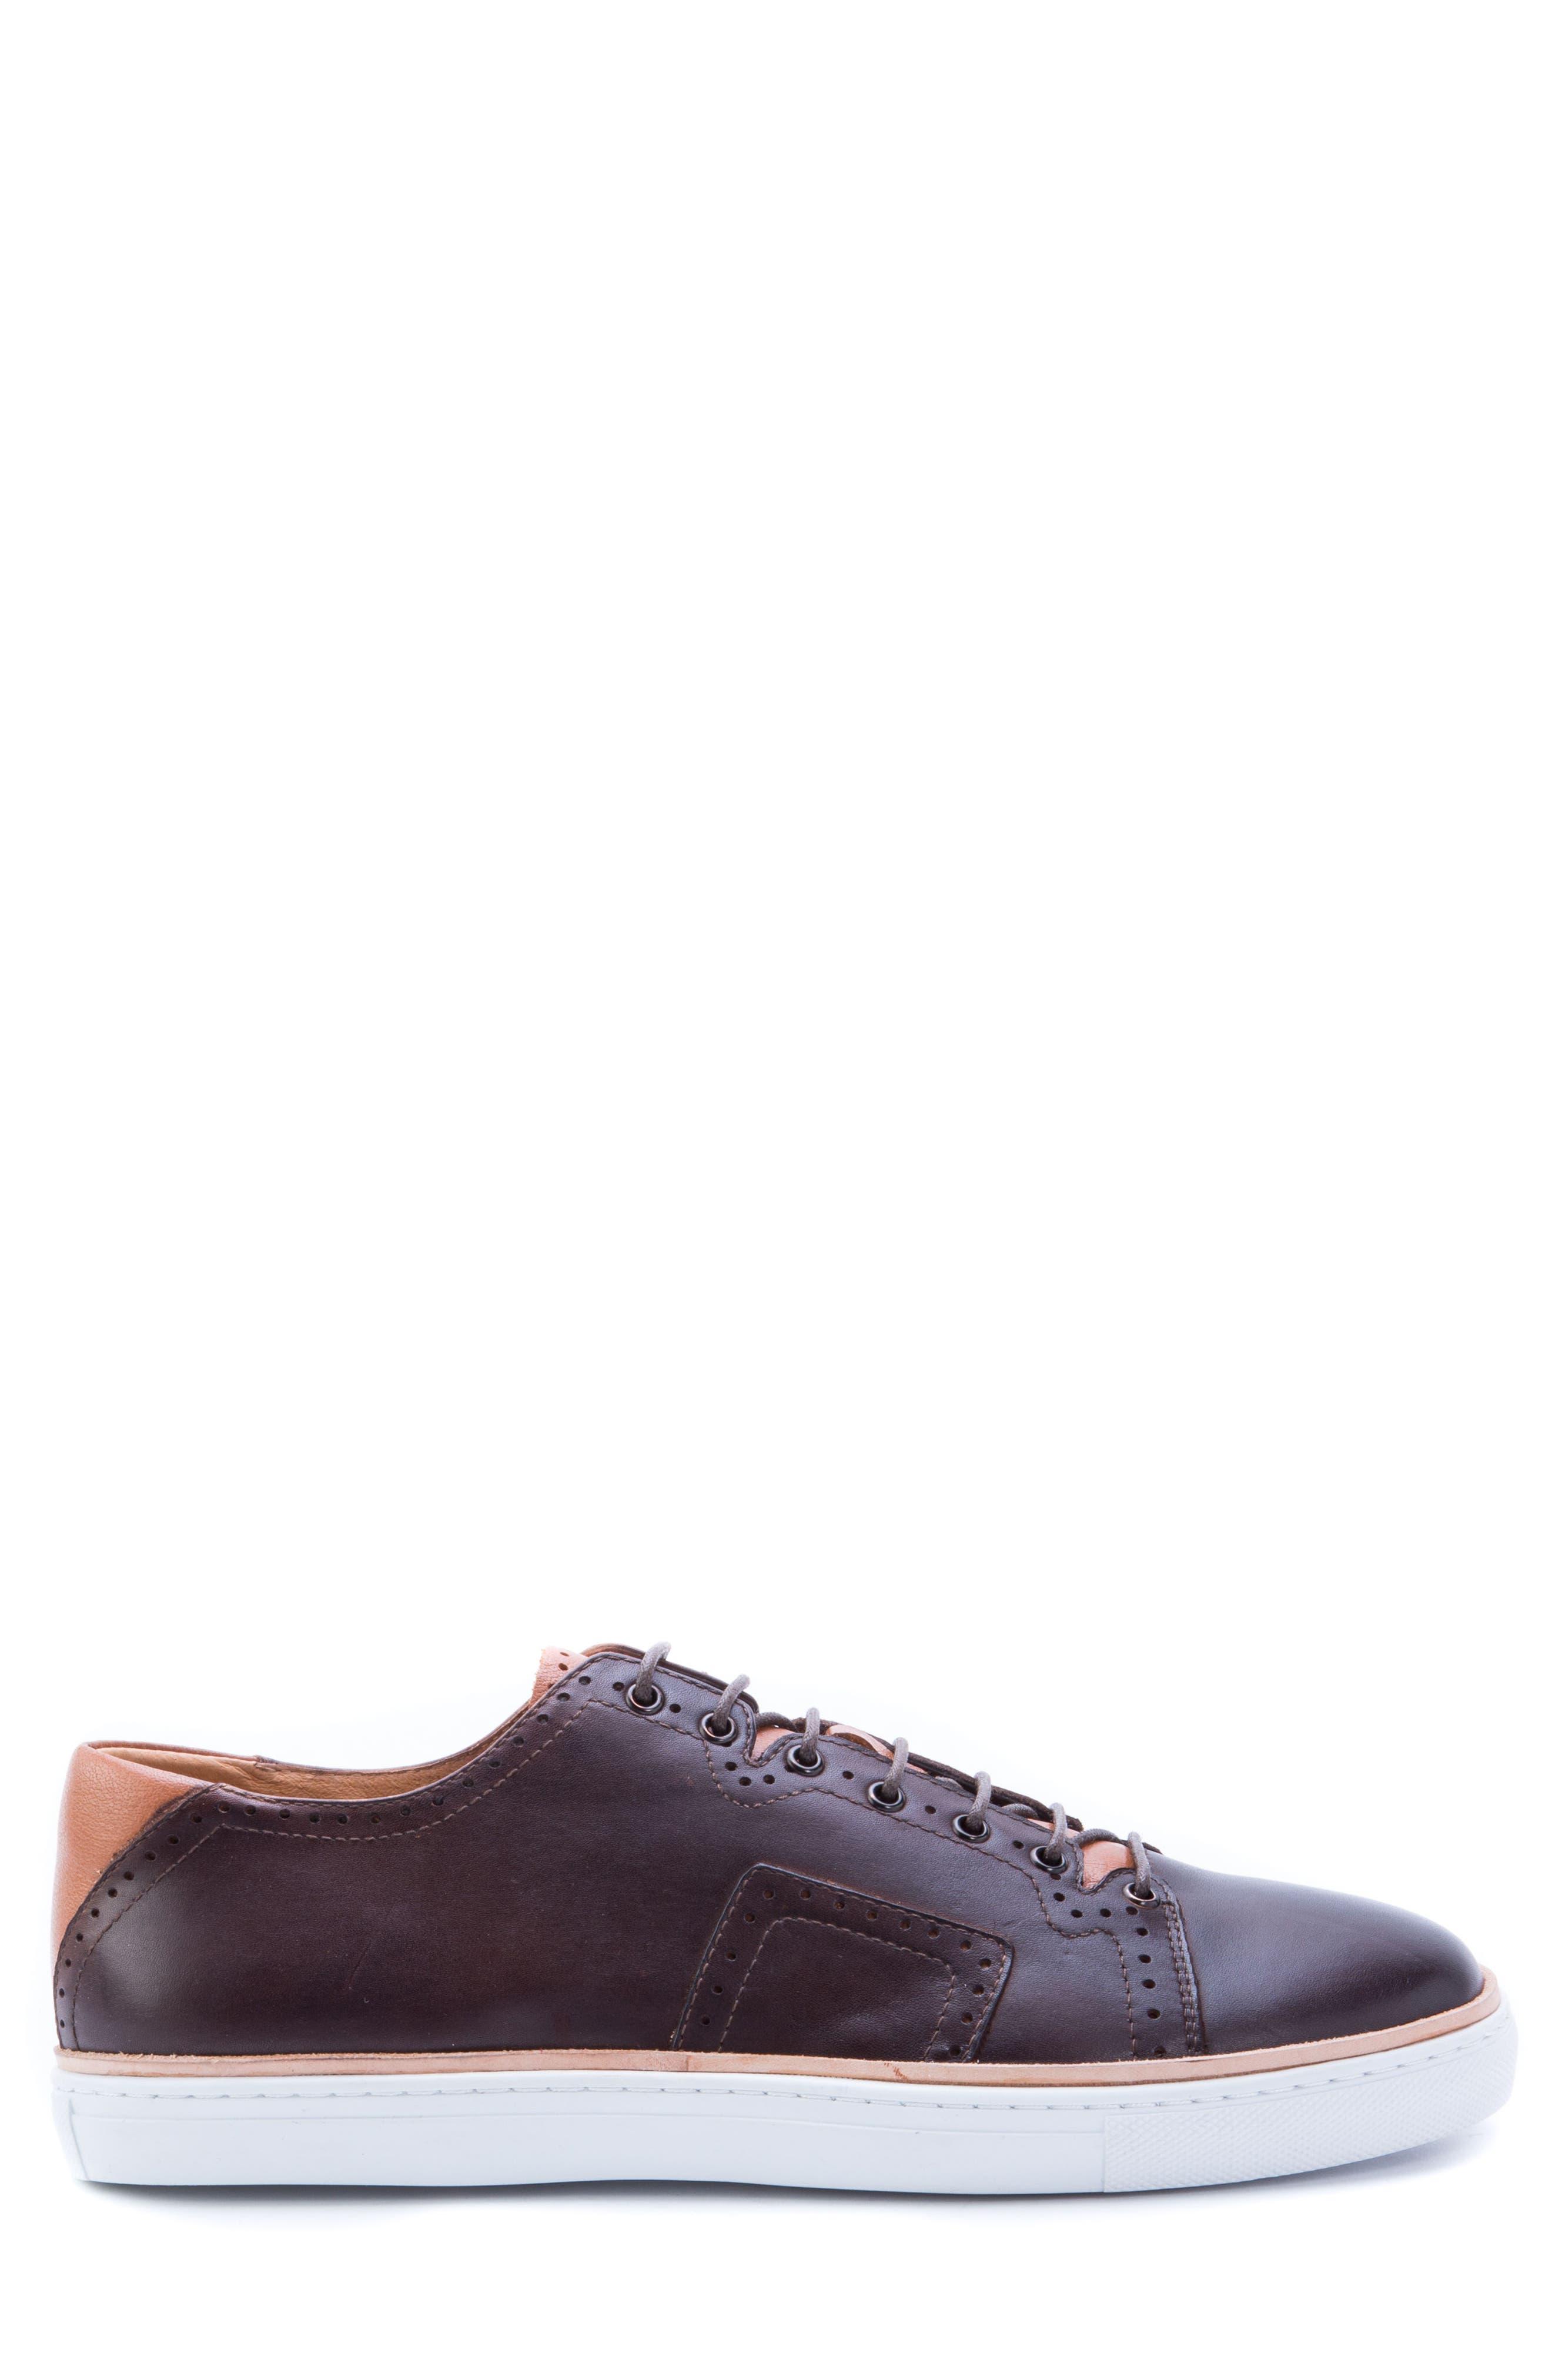 Marti Low Top Sneaker,                             Alternate thumbnail 3, color,                             200